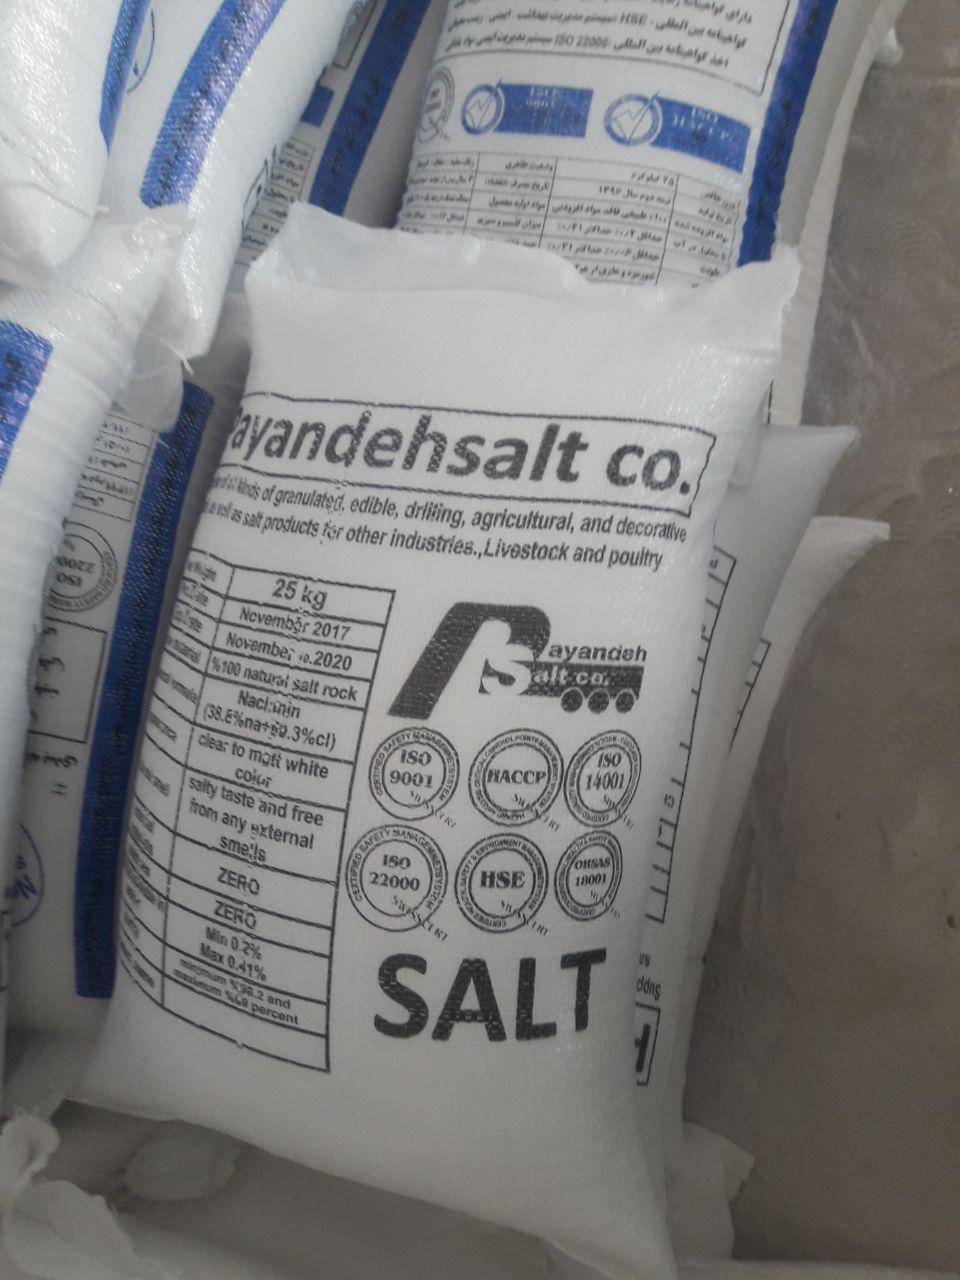 کارخانه نمک .تولید سنگ نمک .نمک مخصوص دام و گاوداری .انواع نمک دانه بندی و نمک گرانول طیور